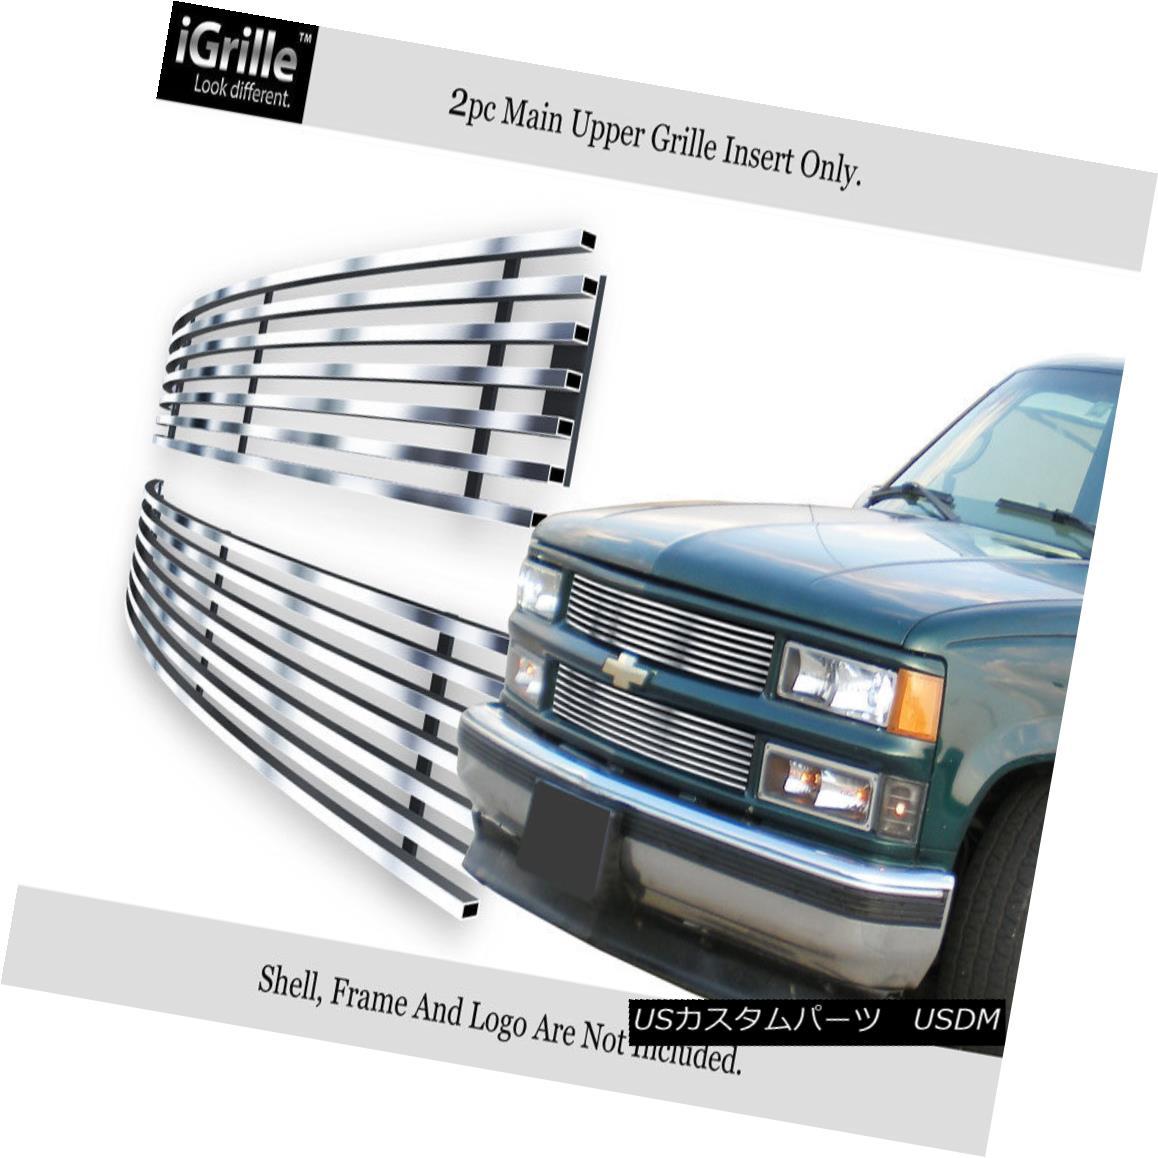 グリル Fits 1994-1999 C/K Pickup/Suburban/Blazer/Tahoe Stainless Steel Billet Grille 1994-1999 C / K Pickup / Suburba n / Blazer / Tahoeステンレス鋼ビレットグリルに適合